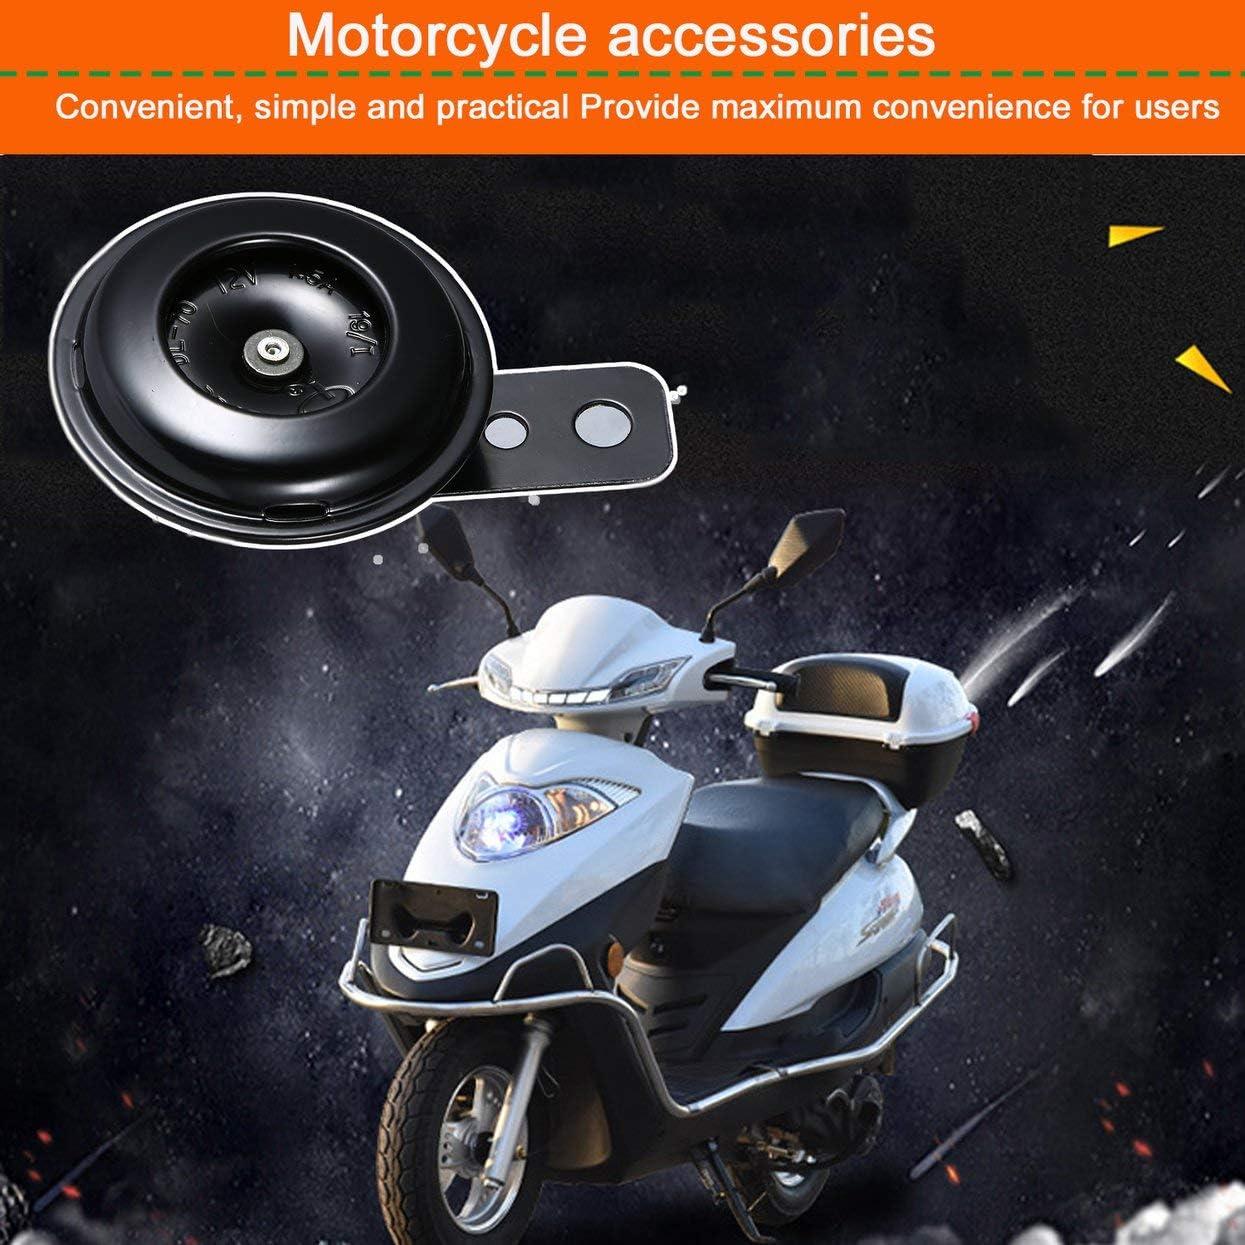 Kit avvisatore acustico elettrico universale per moto 12V 1.5A 105db Altoparlanti a tromba acustica impermeabili rotondi per scooter Dirt Bike ATV